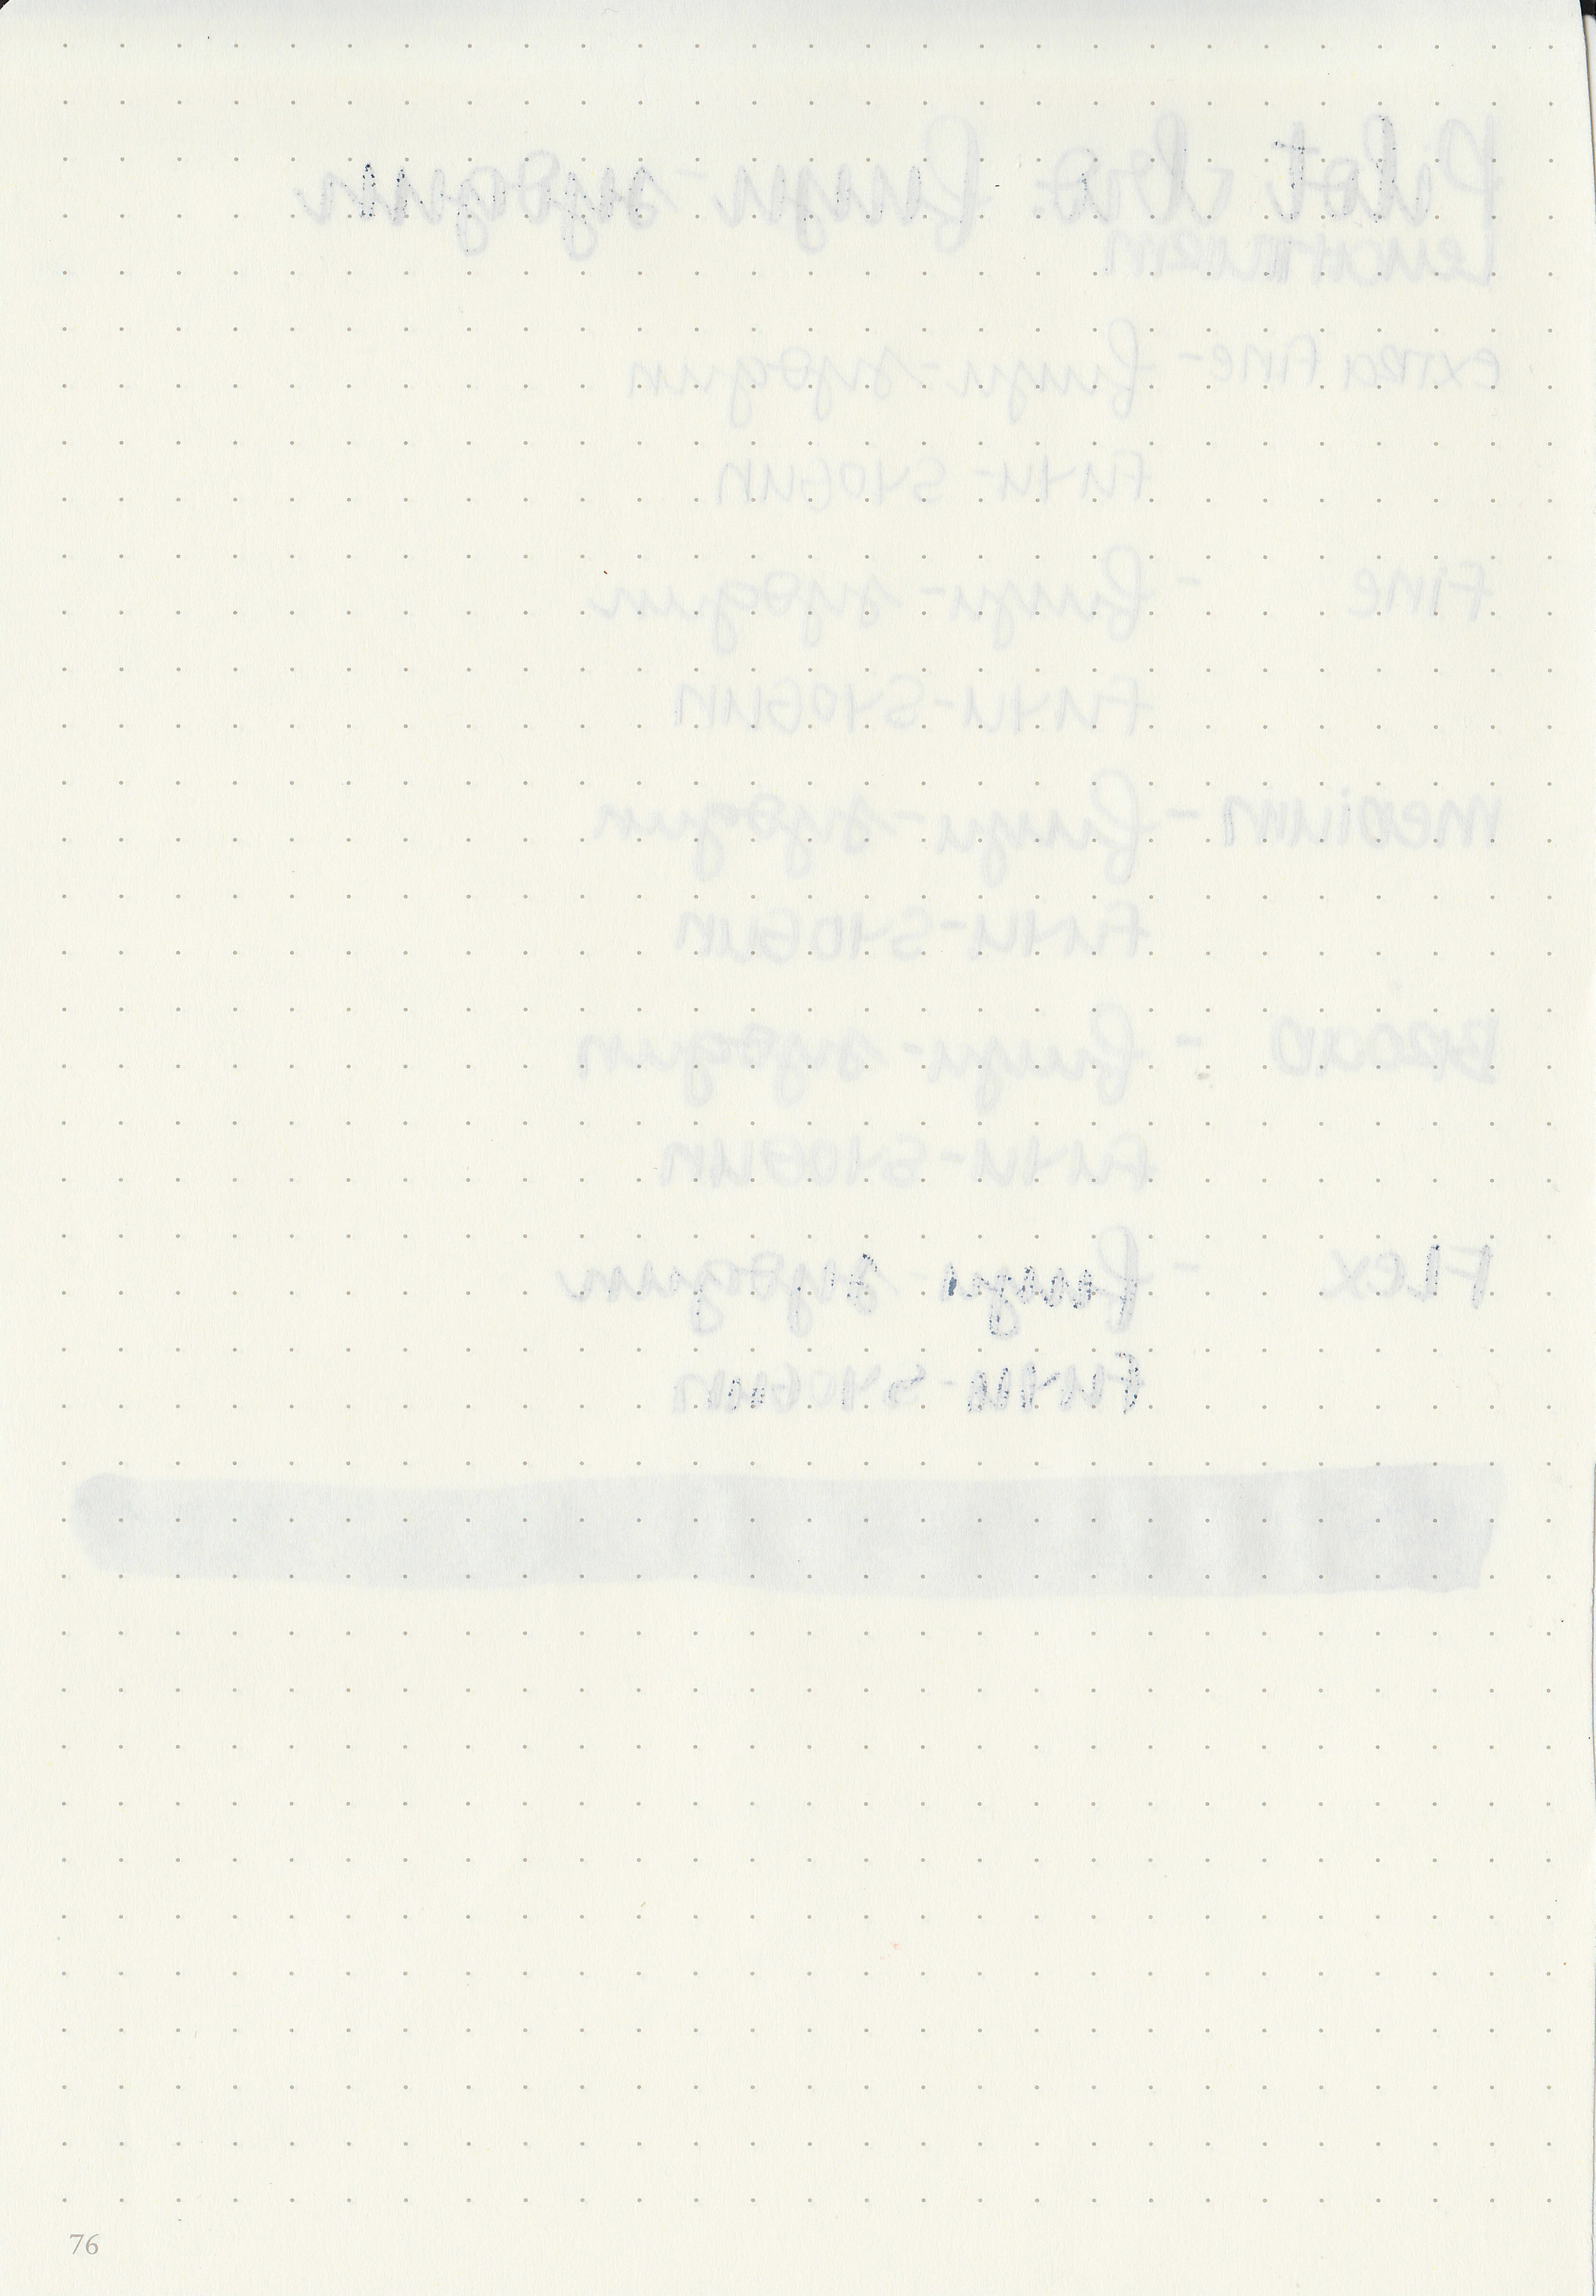 pi-fuyu-syogun-10.jpg